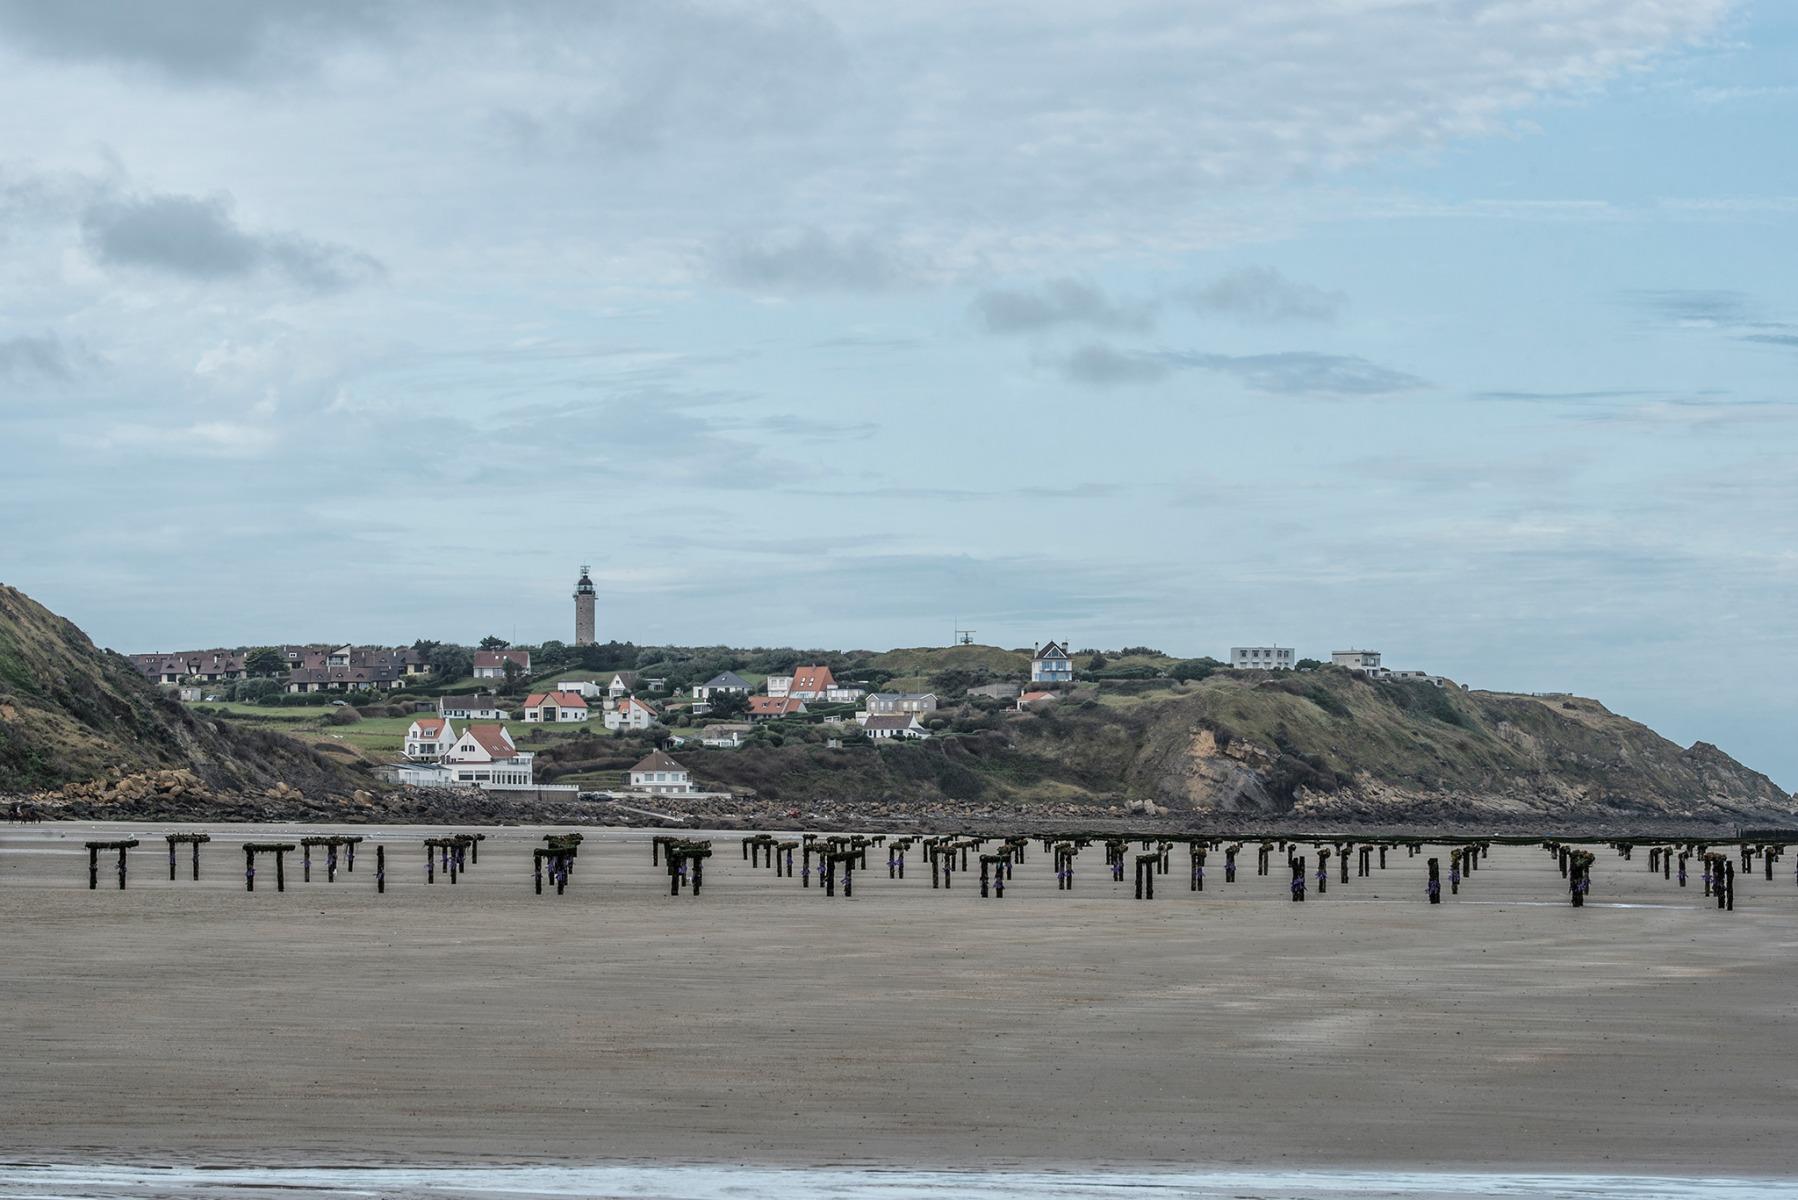 Tardinghen-uitzicht-vanuit-strand-met-mosselpaaltjes